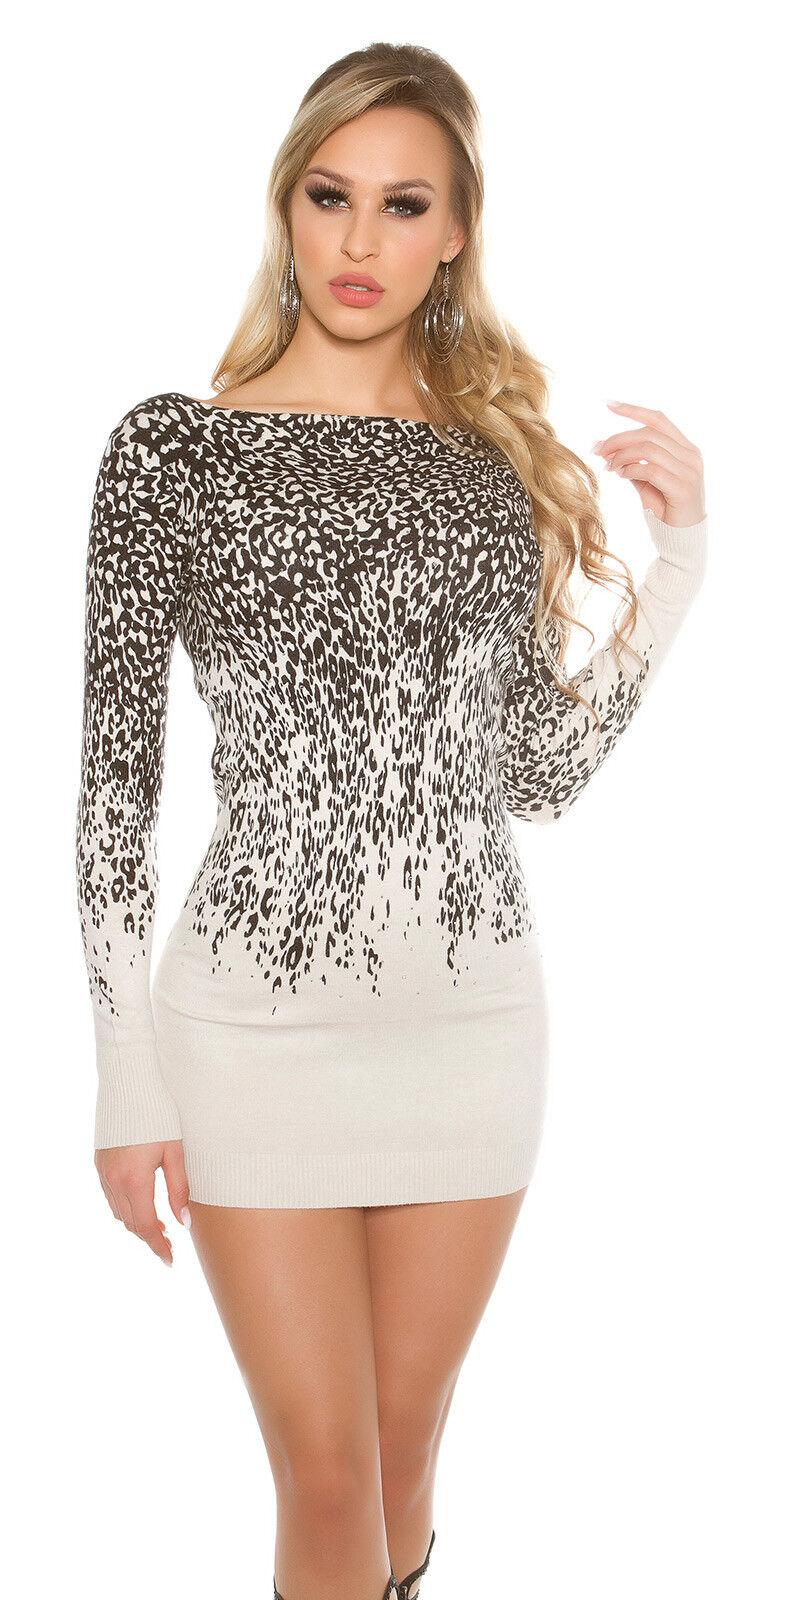 Luxestar Damen Pullover Kleid Minikleid beige figurbetont